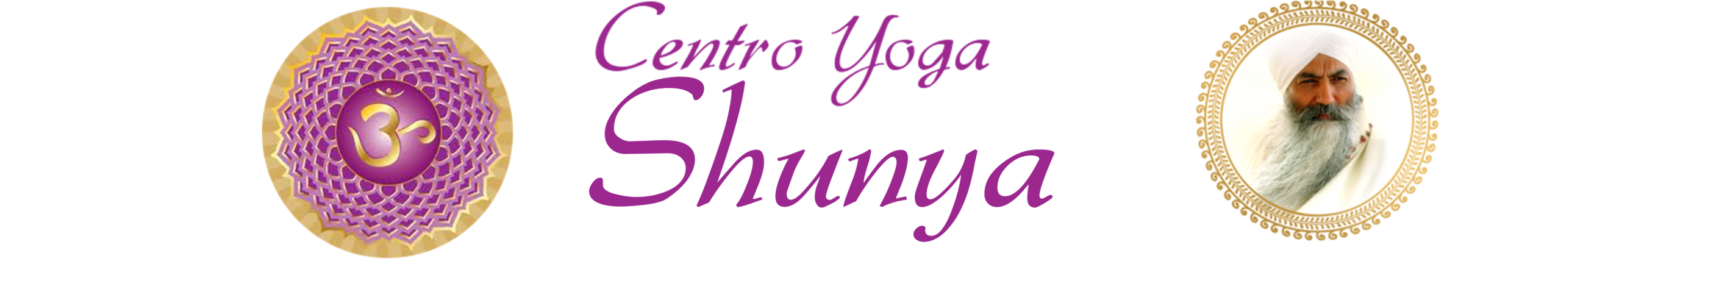 Centro Yoga Shunya